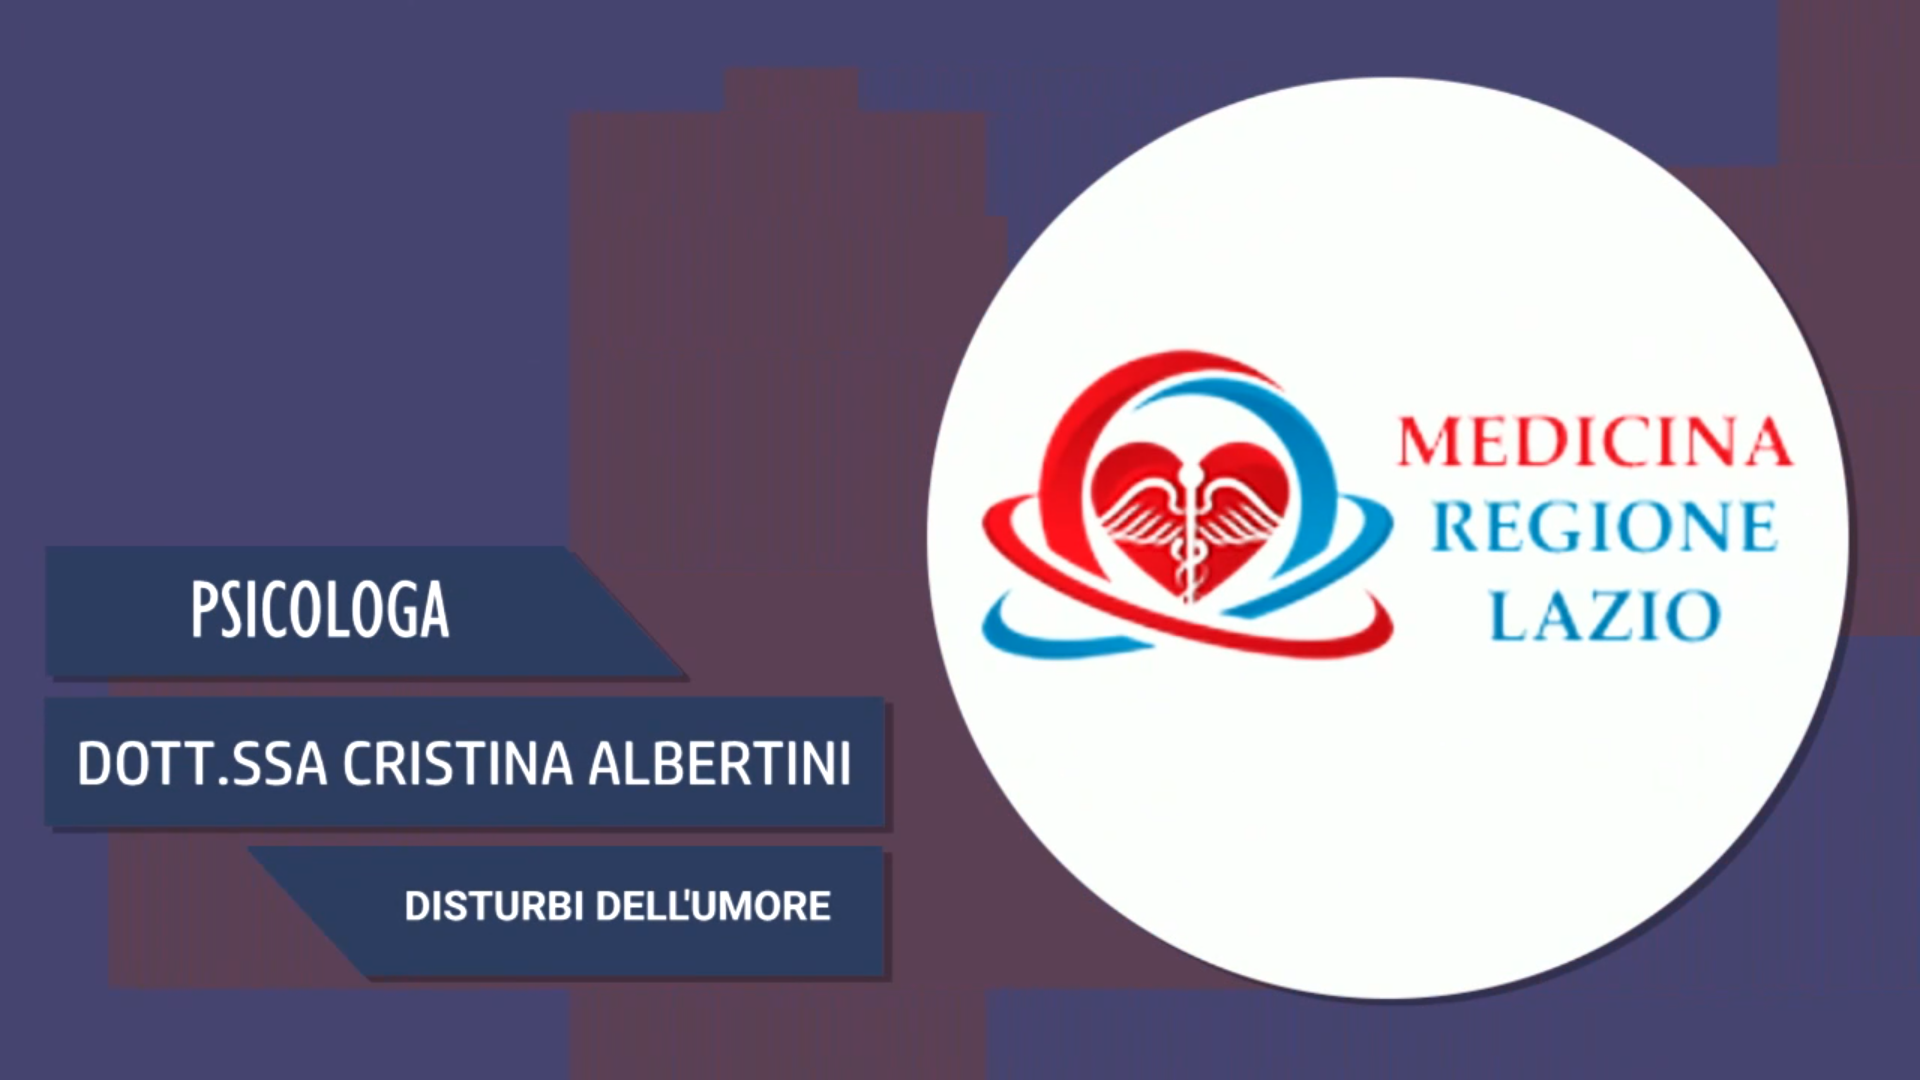 Intervista alla Dott.ssa Cristina Albertini – Disturbi dell'umore